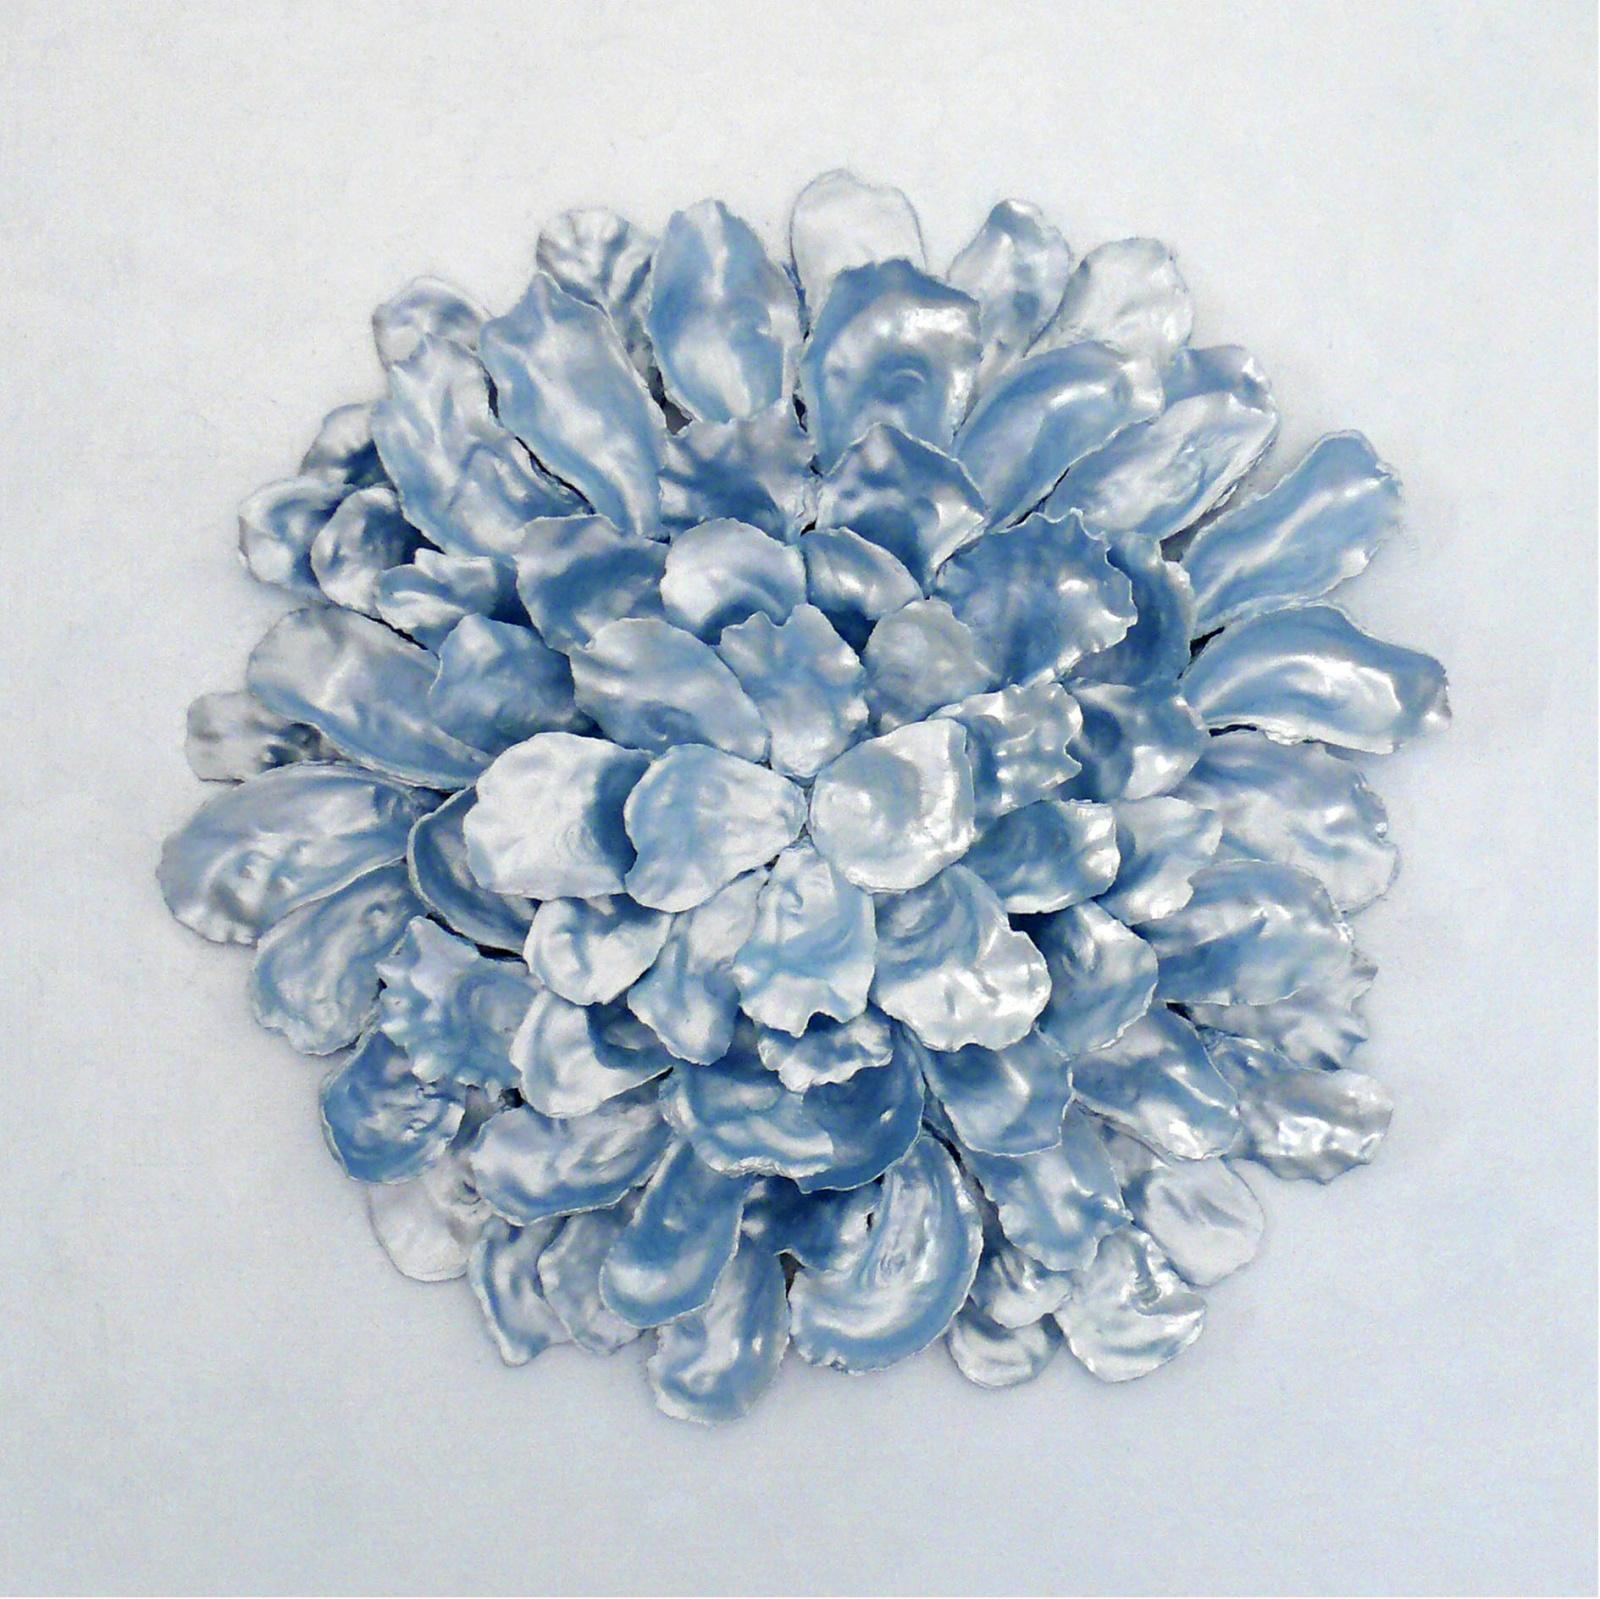 I FIORI DEL MARE: Rosamarina . 2012 - Mosaico di gusci di frutti di mare su tavola, cm.65 x 65 x 10 Opera disponibile alla vendita.